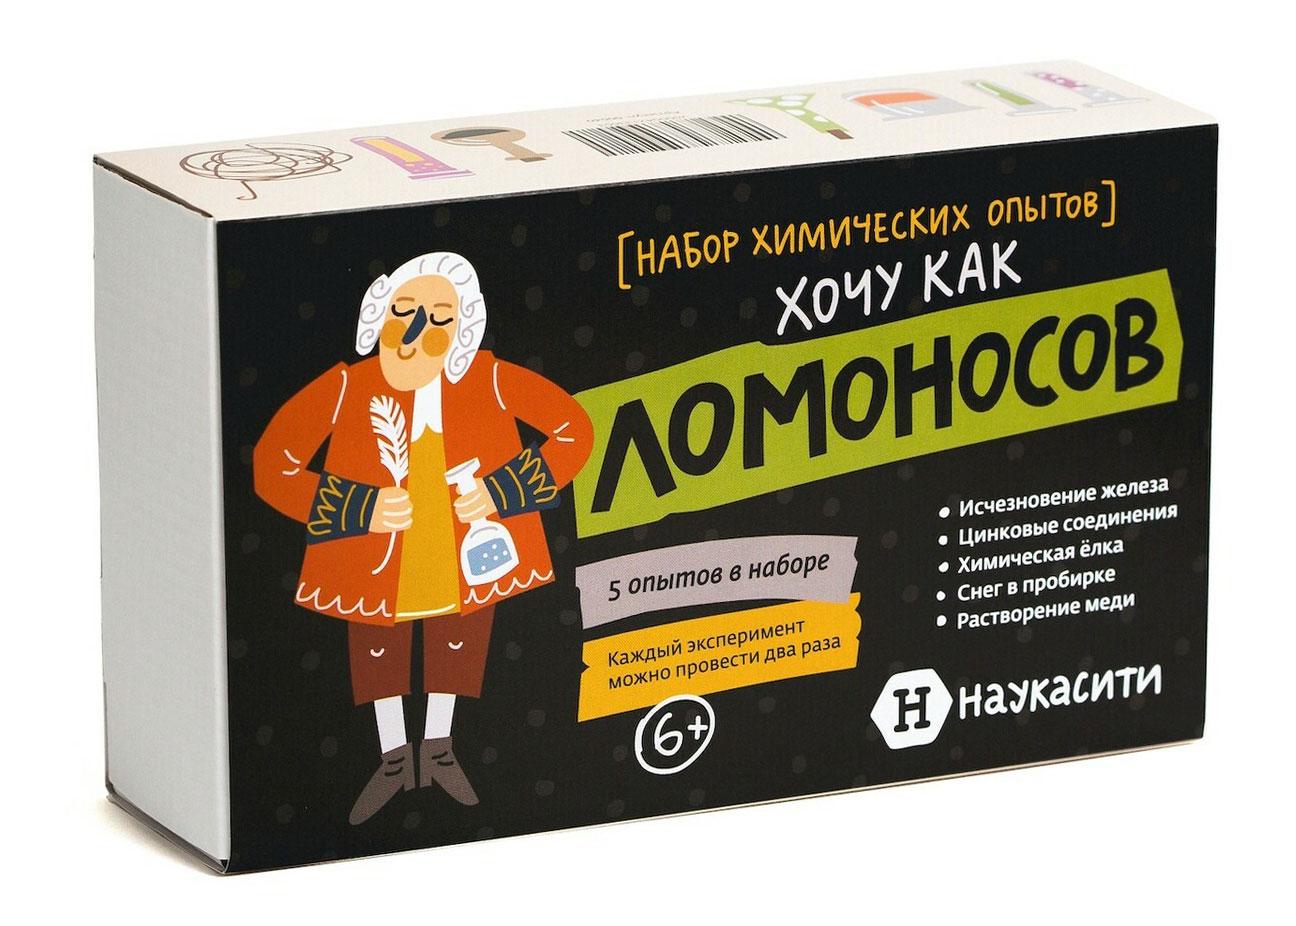 Картинка для Набор опытов химических «Хочу как Ломоносов» 6